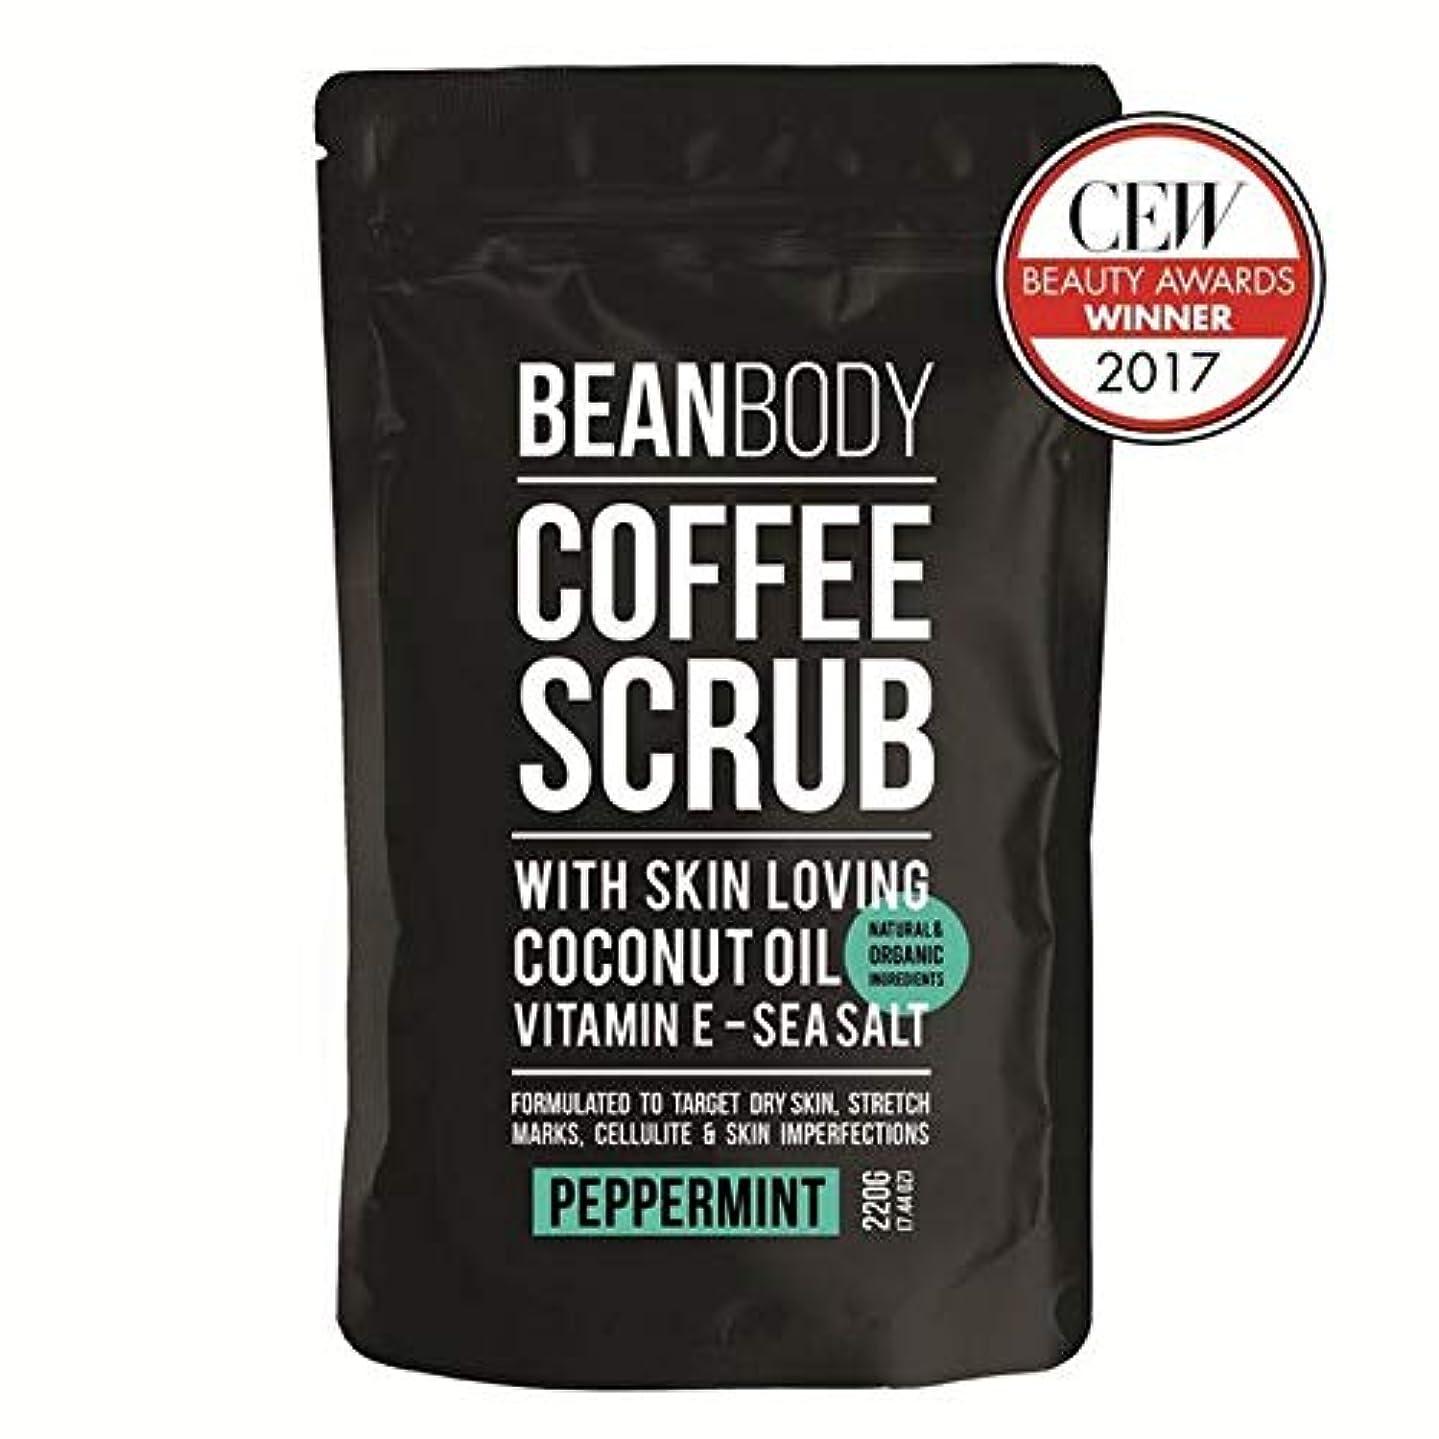 卒業記念アルバムところで保護[Bean Body ] 豆のボディコーヒースクラブ、ペパーミント220グラム - Bean Body Coffee Scrub, Peppermint 220g [並行輸入品]